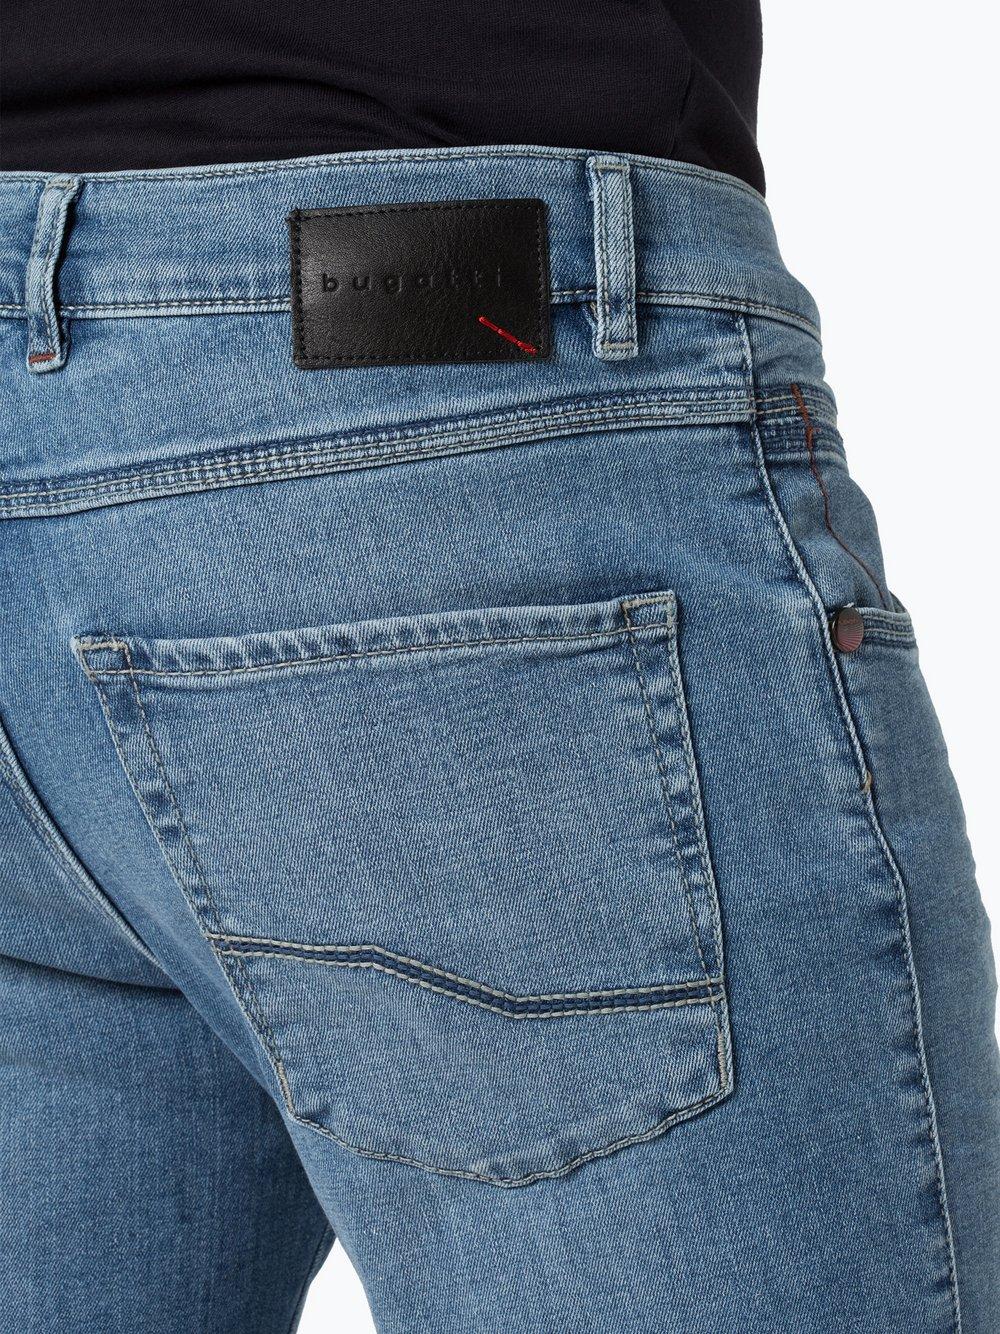 Herren Jeans Toronto D